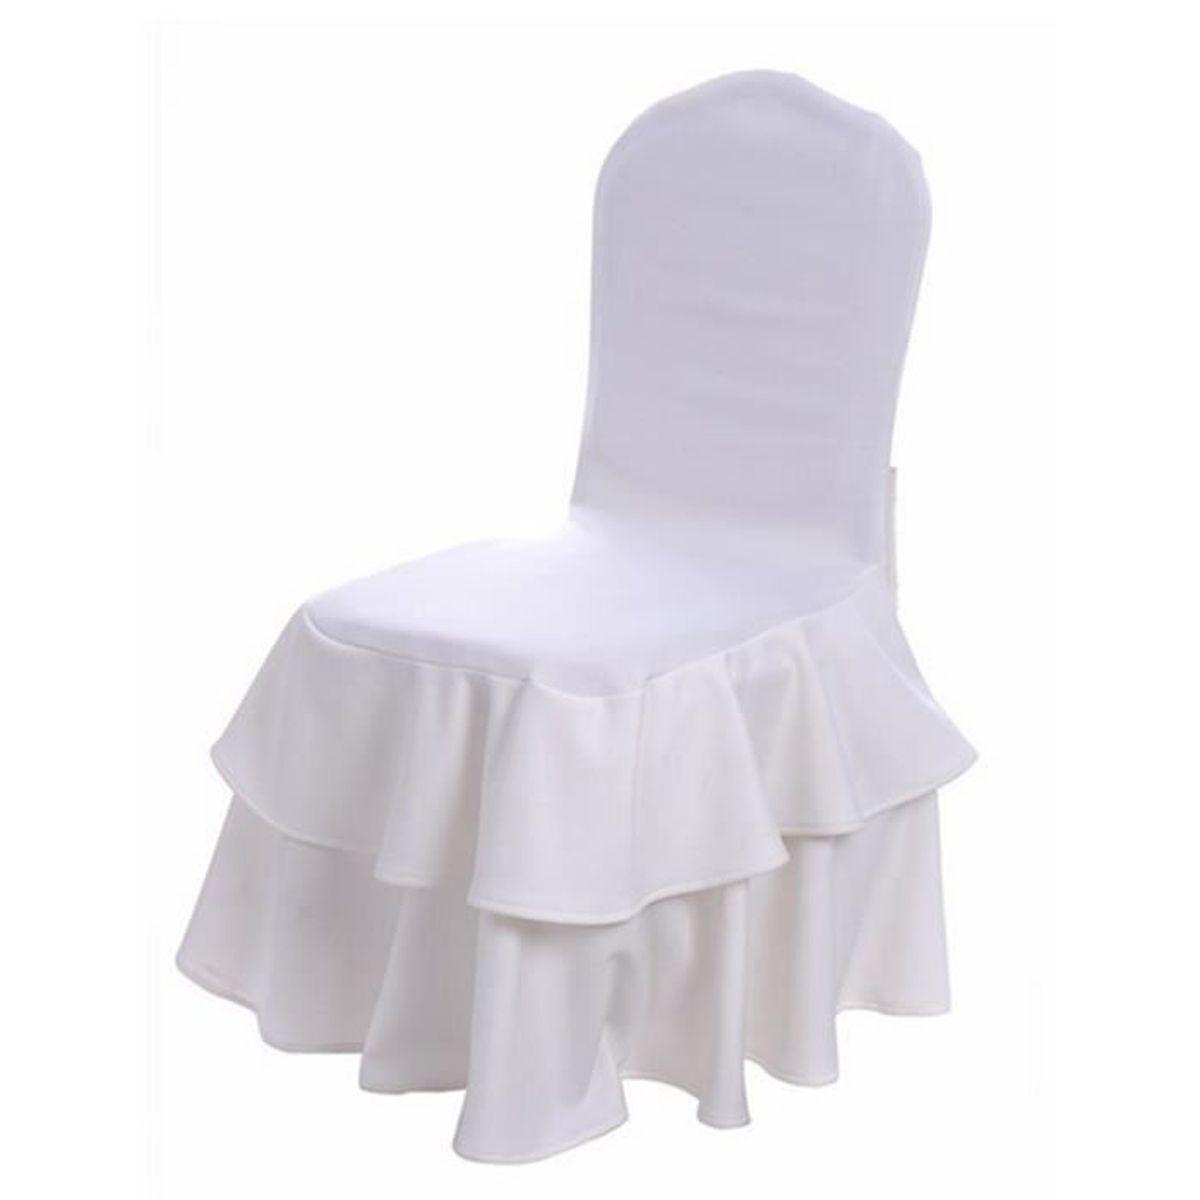 Louer des housses de chaises pour mariage 28 images for Housse pour chaise